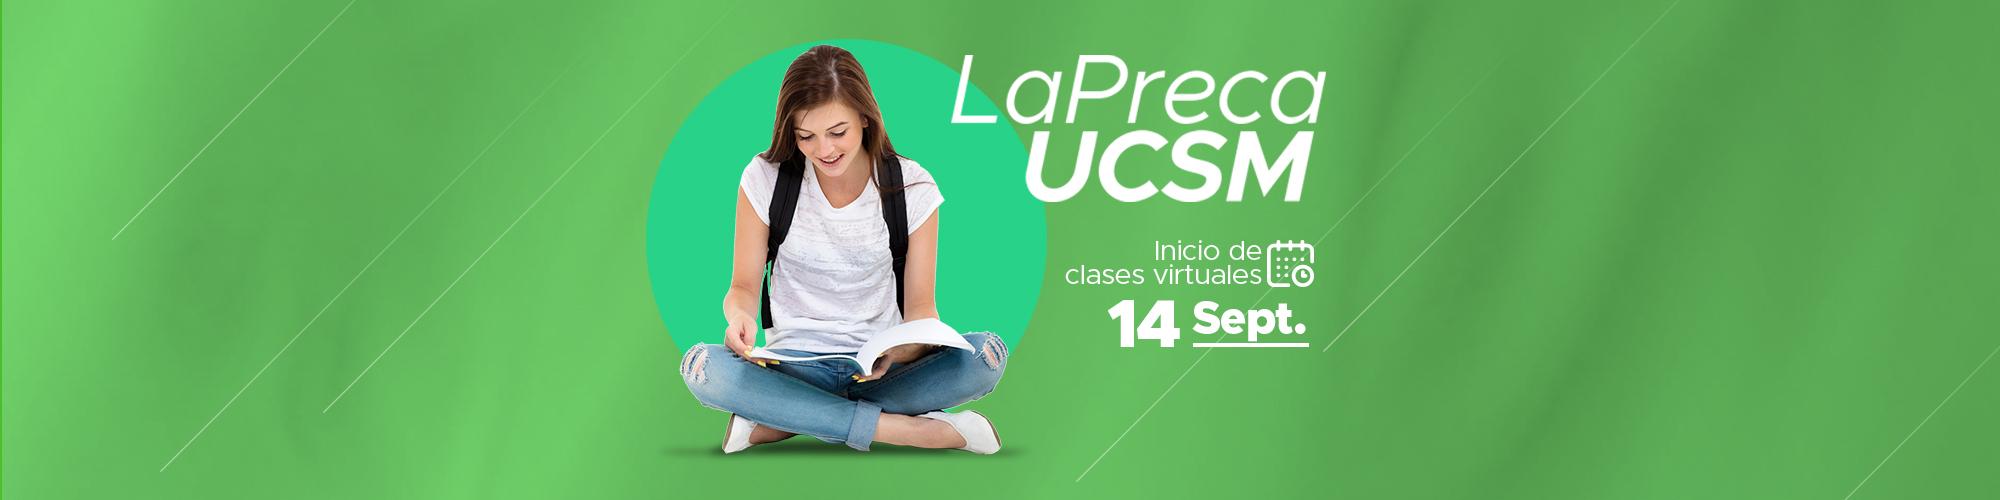 ucsm-precatolica-inicio-admision